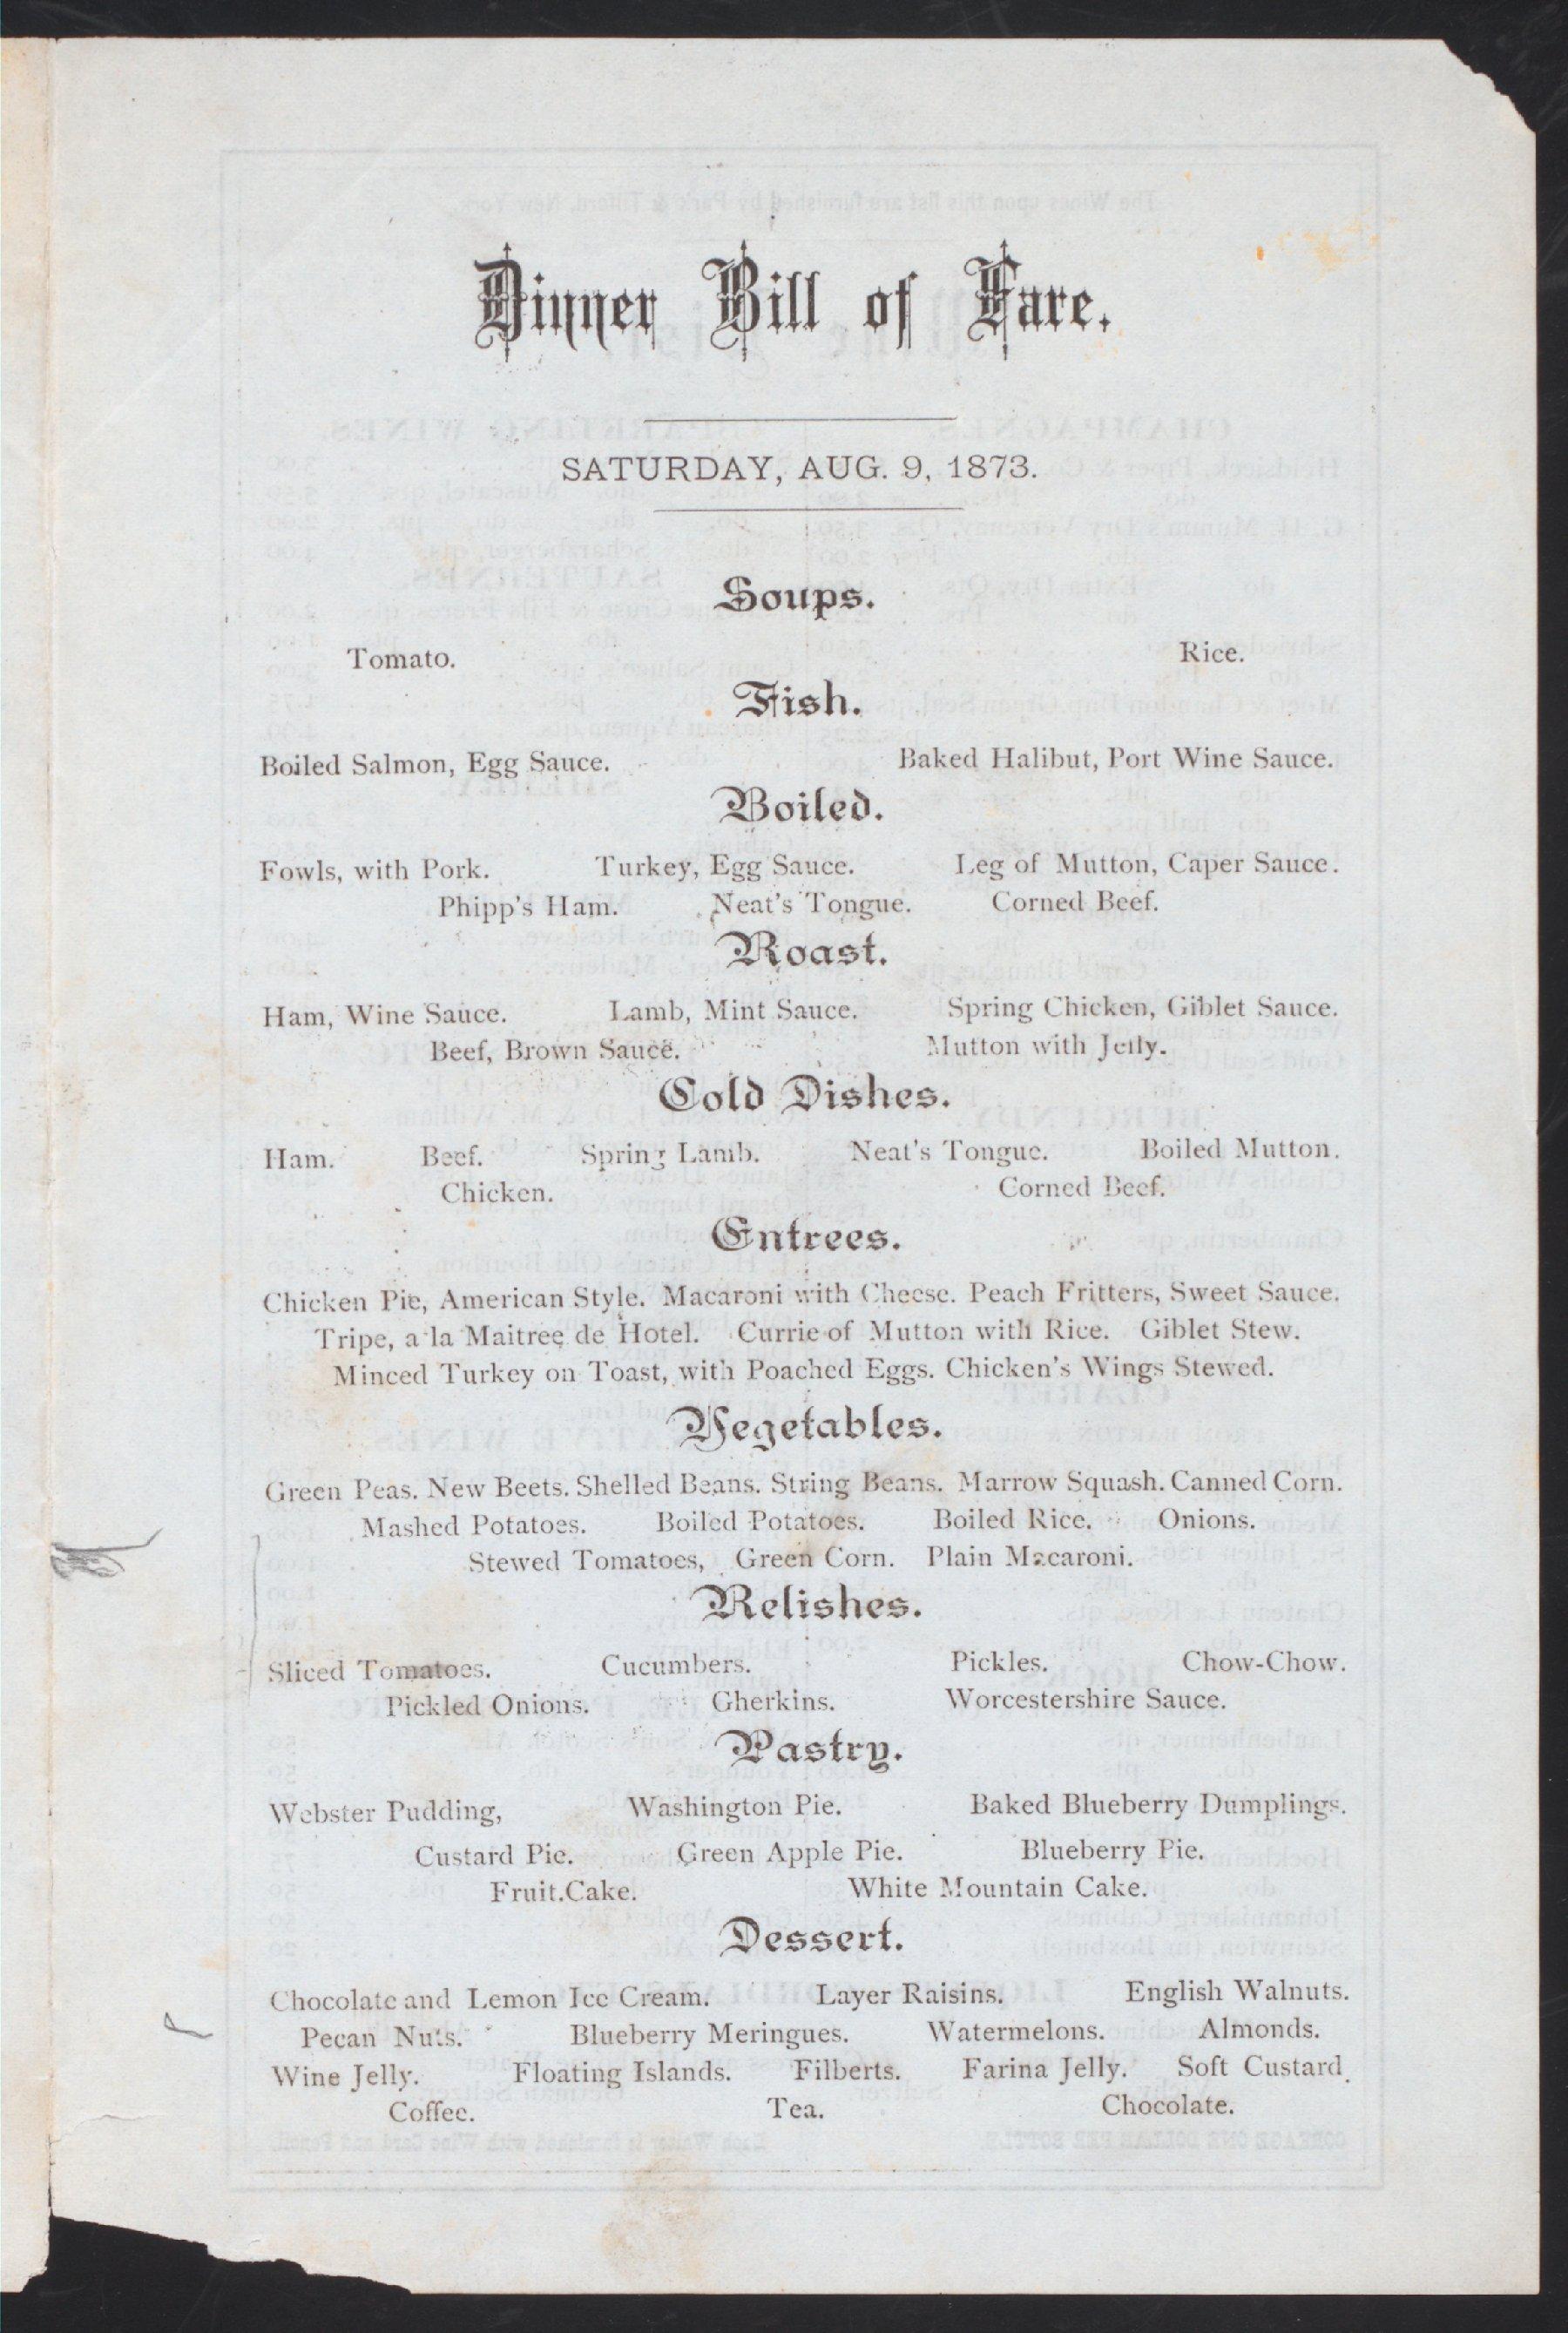 KH menu 1